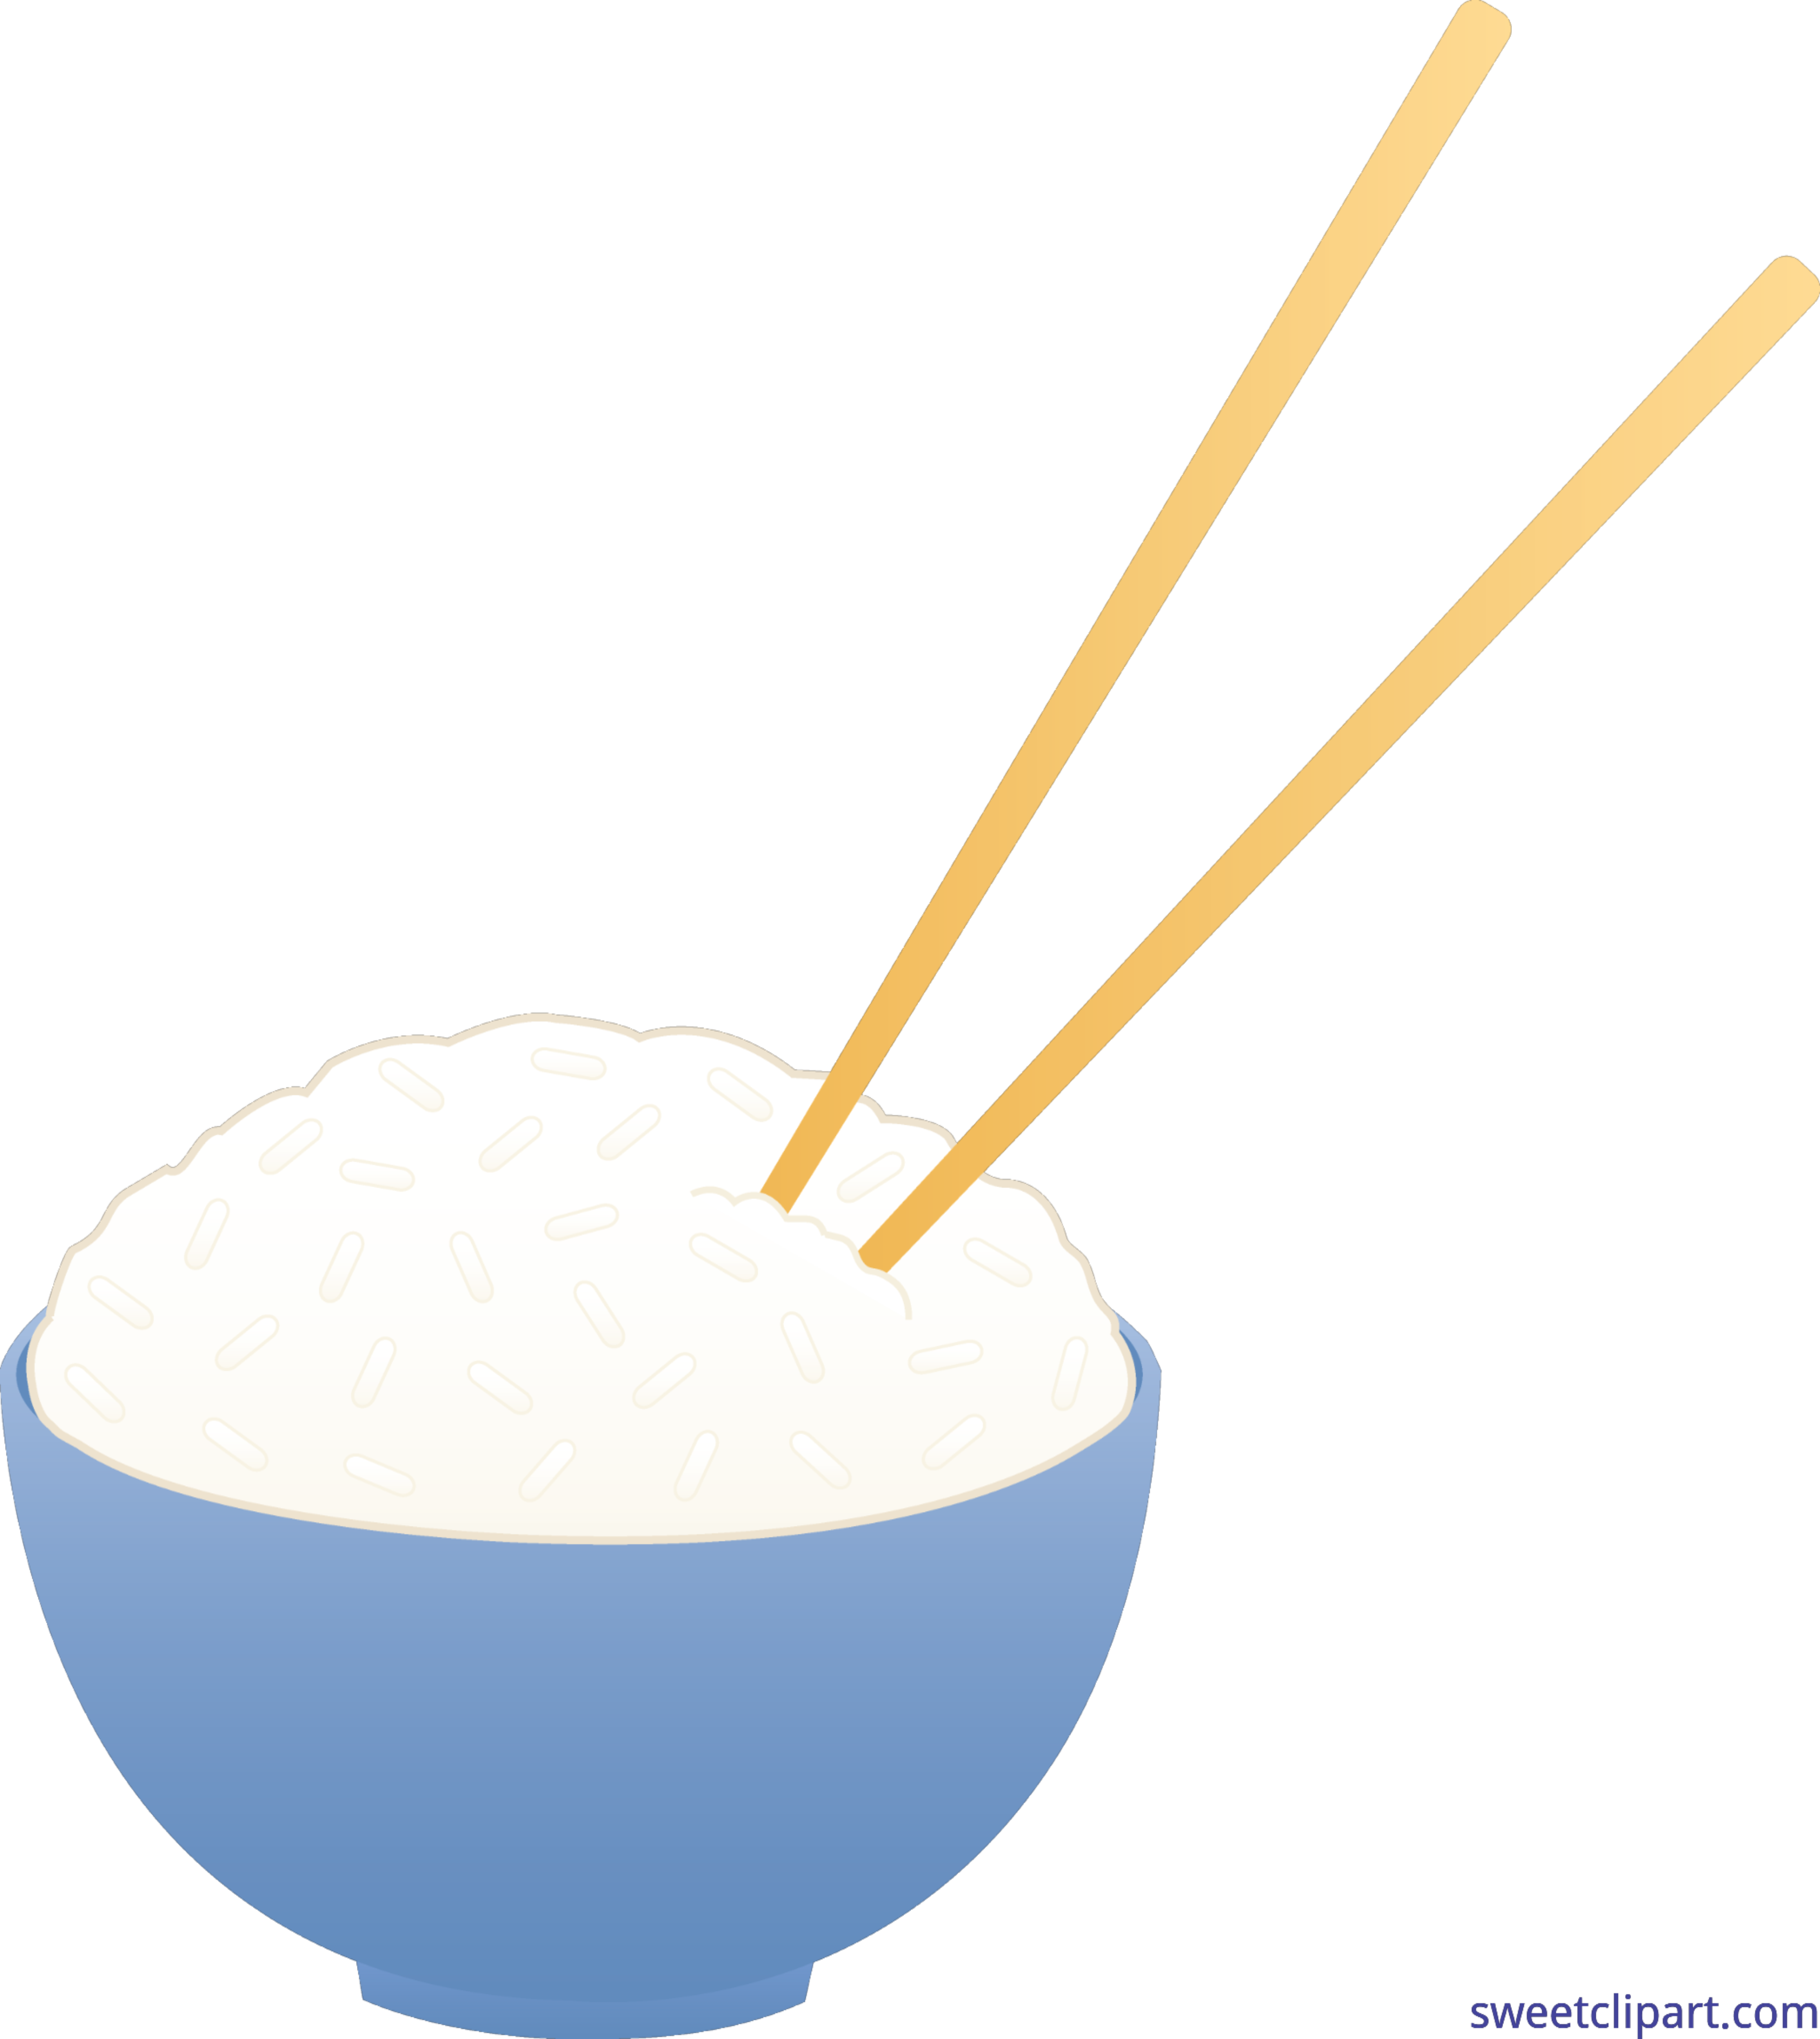 Rice clip art sweet. Chopsticks clipart bowl